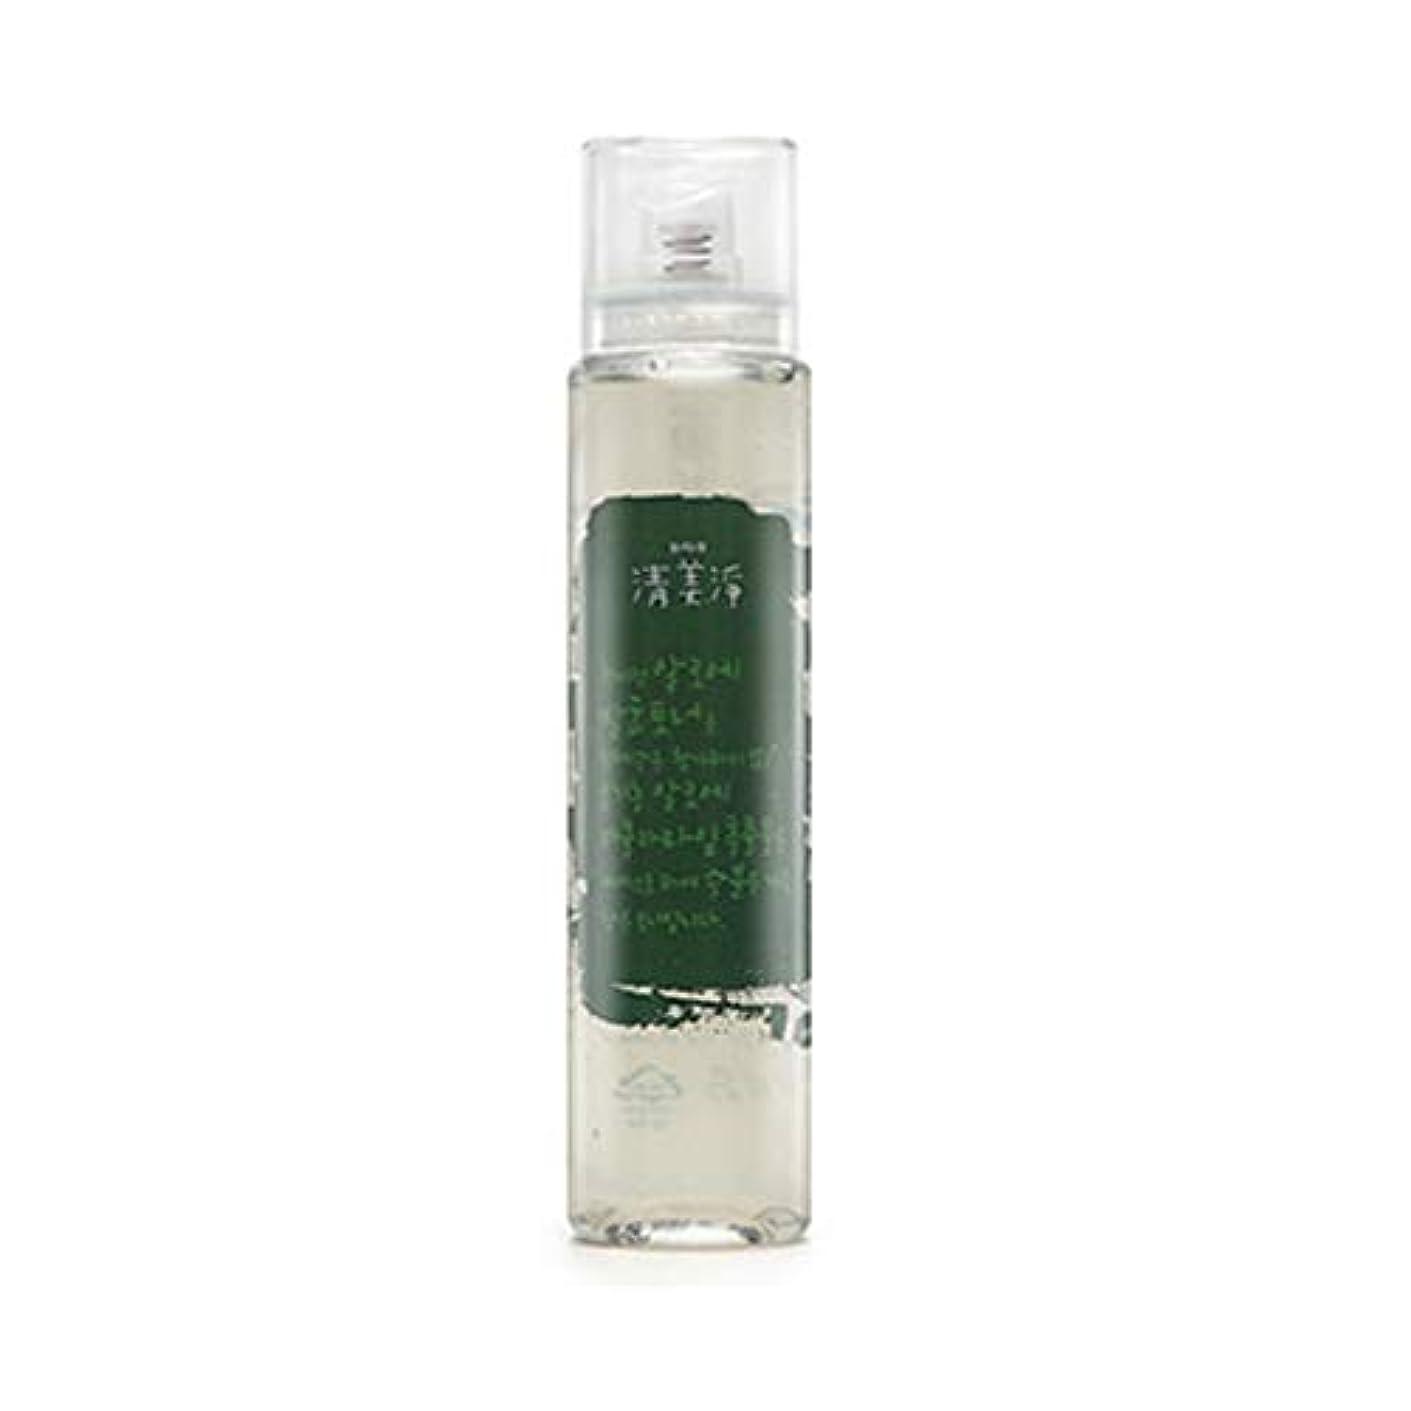 勝者めまいが納税者[ChungMiJung] 清美浄(チョンミジョン) アロエ発酵トナー 140ml Aloe Fermentation Toner - 98% Organic Faicial Toner Skin Refresher Korean...